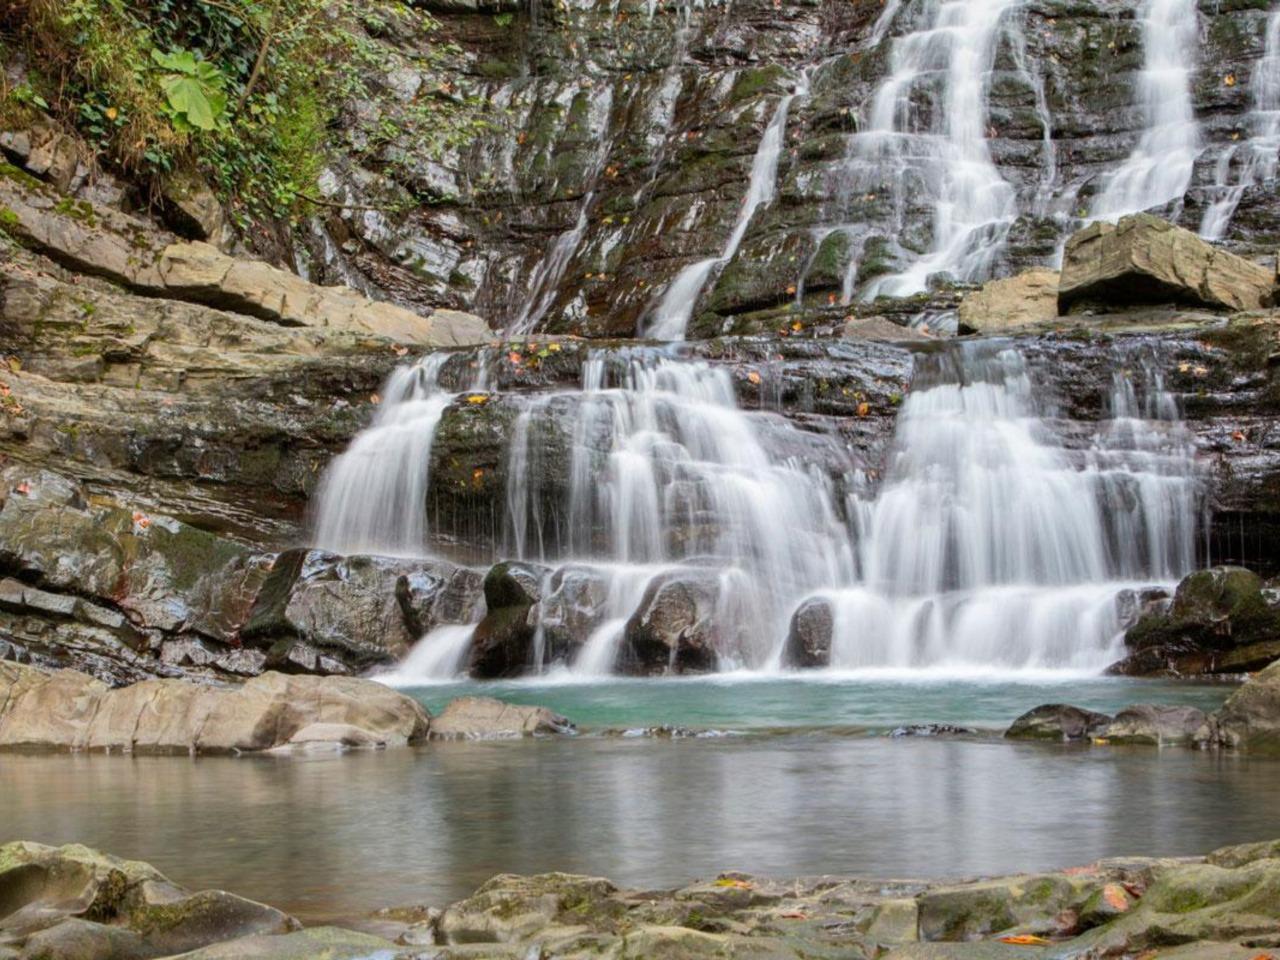 Долина легенд - 33 водопада c посещением шоу - групповая экскурсия в Сочи от опытного гида